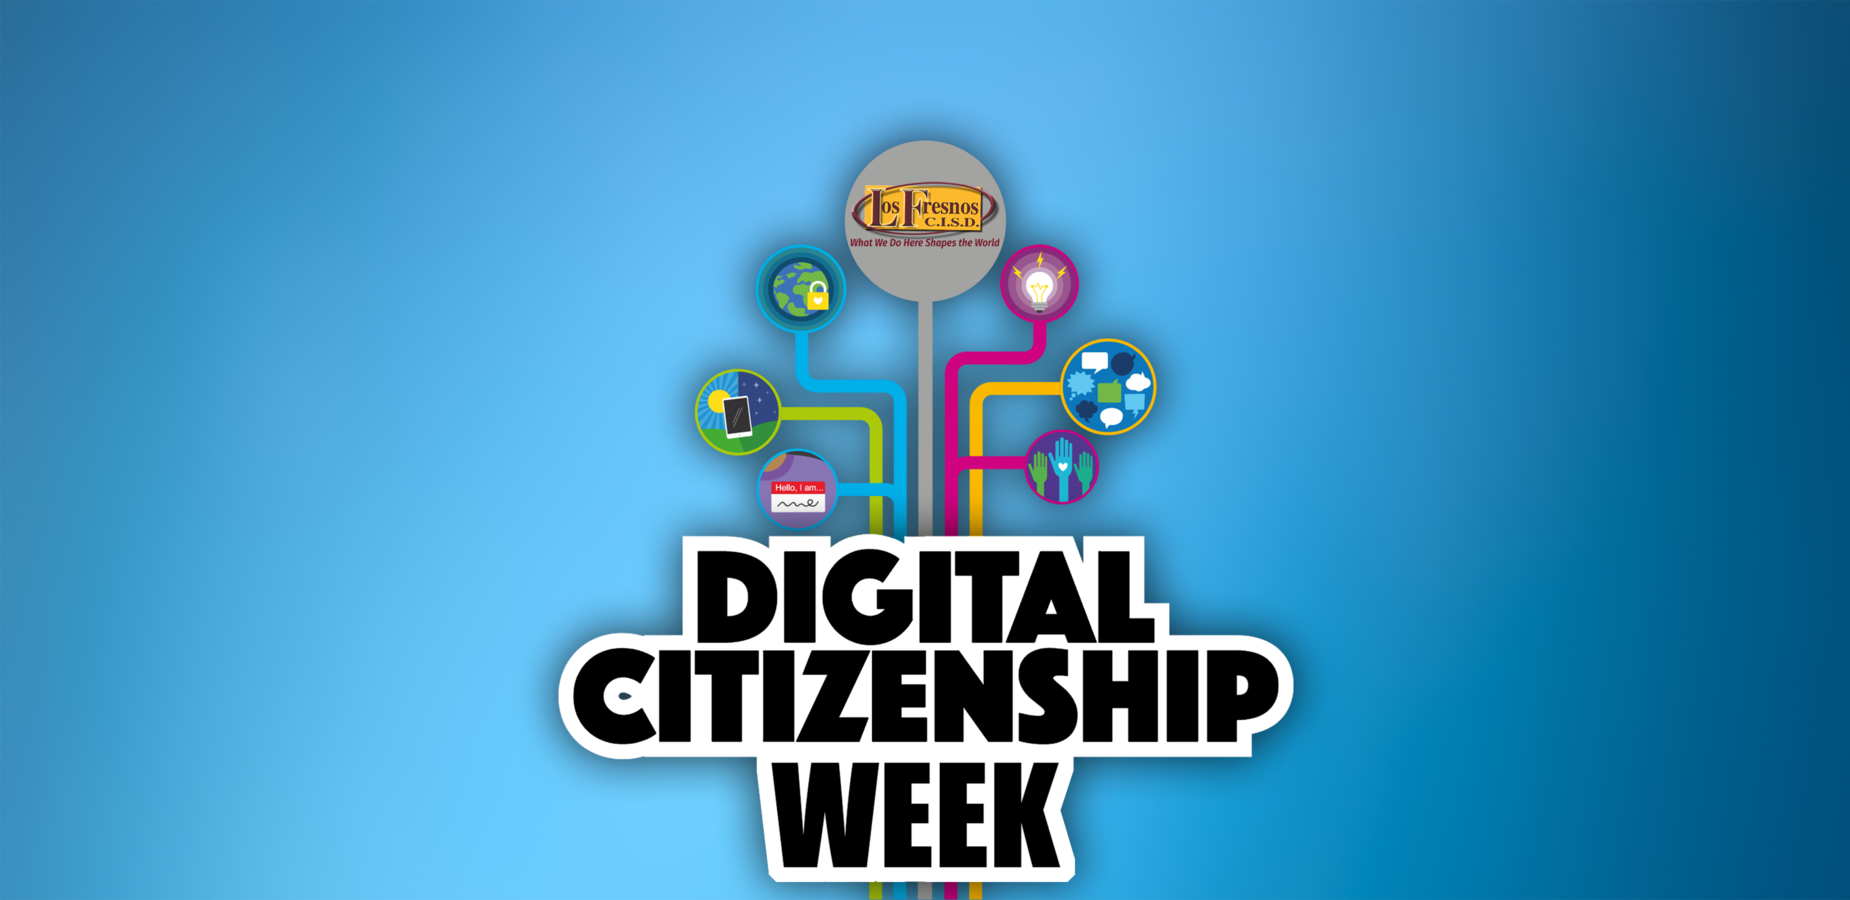 Digital Citizenship Week